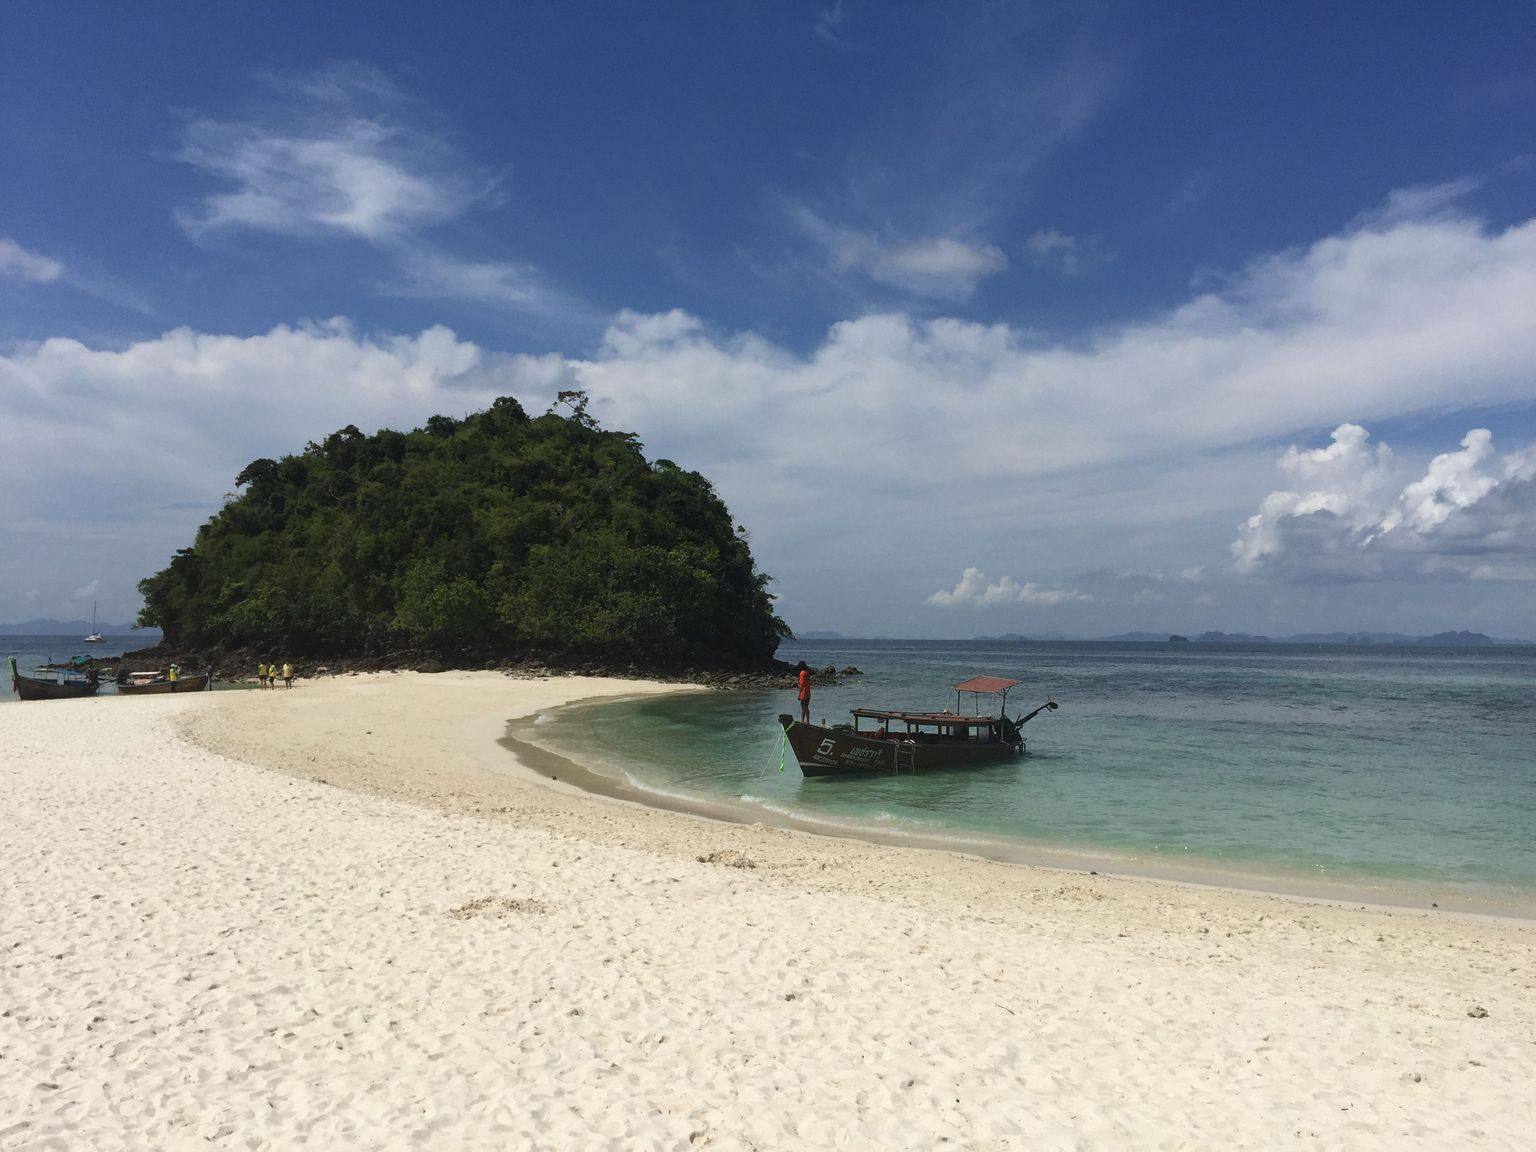 MÁS FOTOS, Excursión por 4 islas para ver un mar espectacular dividido en lancha motora o en barco de cola larga desde Krabi